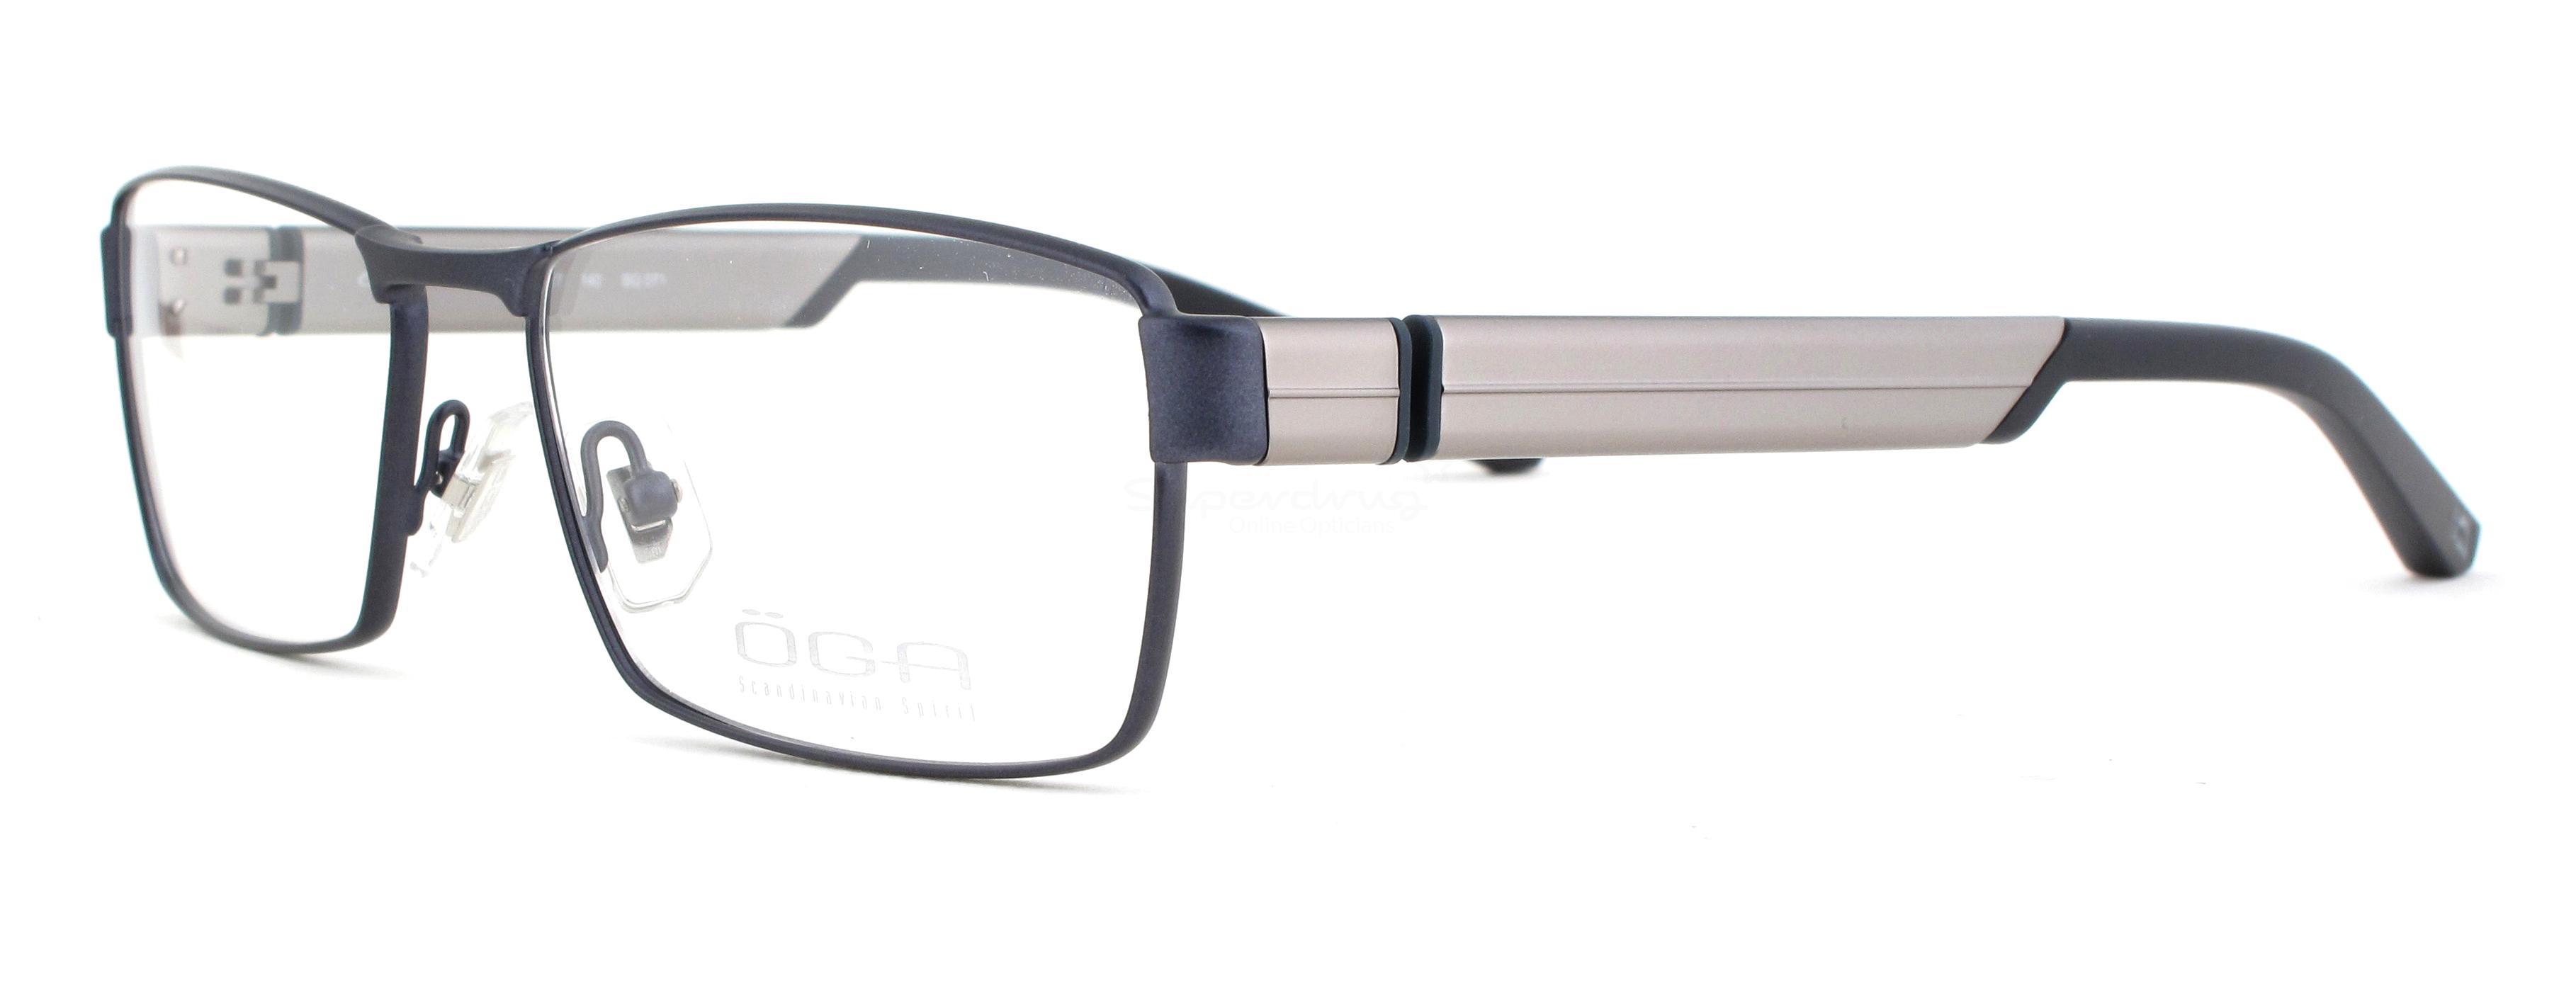 BG071 7655O AVLANG 2 Glasses, ÖGA Scandinavian Spirit